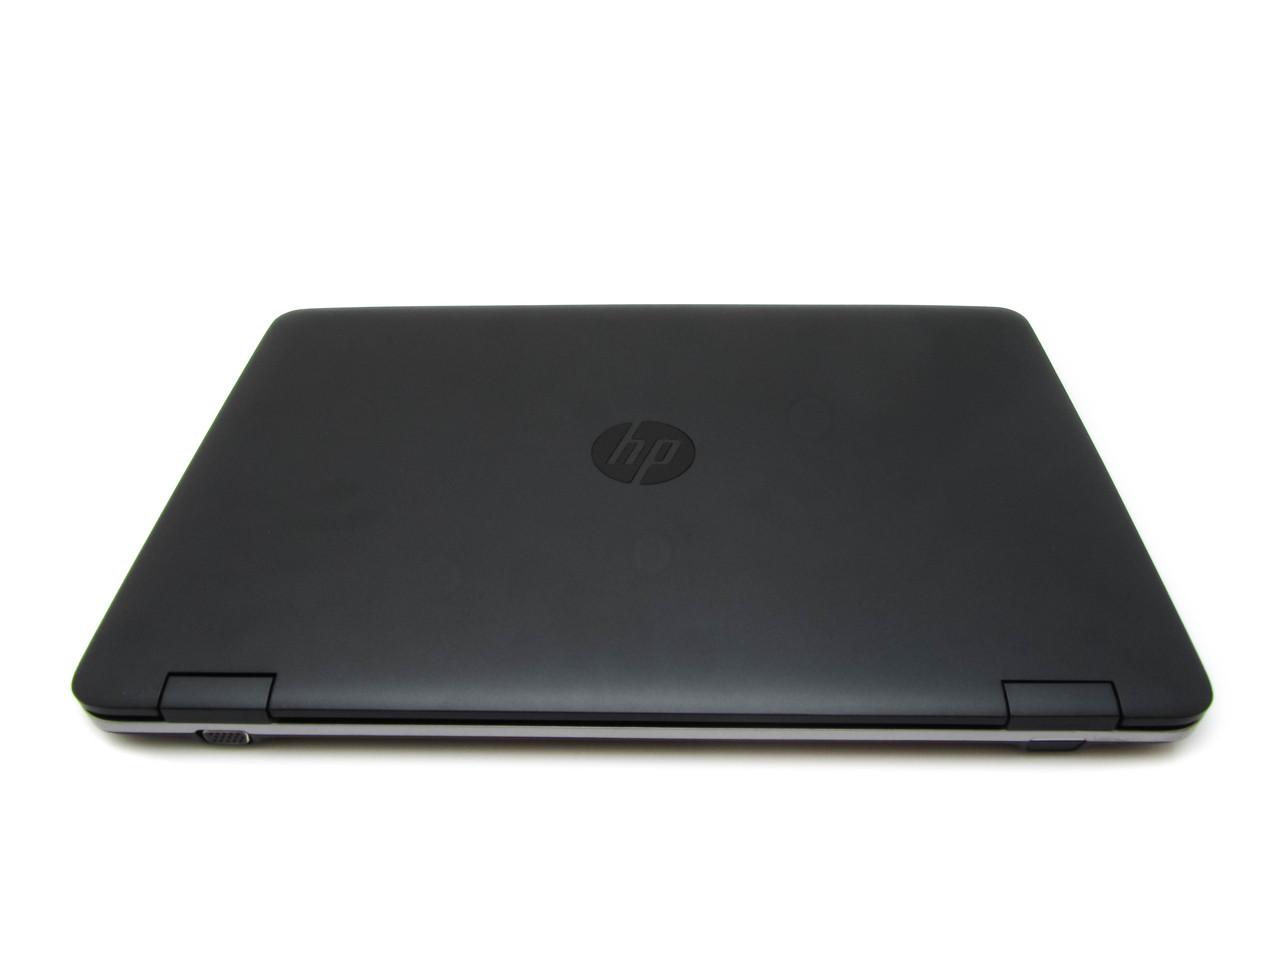 Ноутбук HP ProBook 650 G2 15.6 (1920×1080)/ Core i5-6300U (2(4)x 4